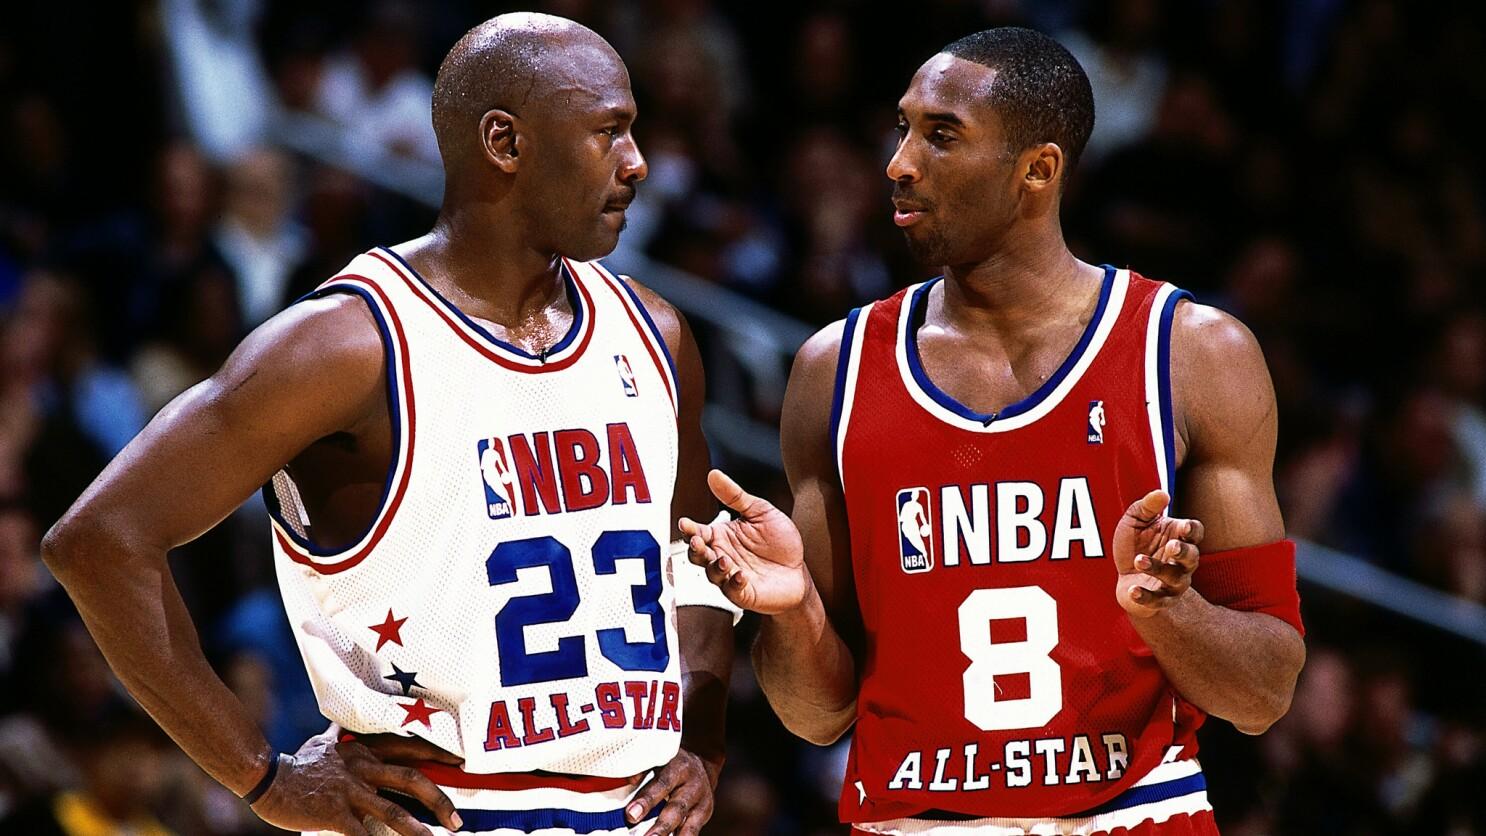 un acreedor dentro de poco Increíble  Kobe Bryant reportedly considered joining Washington Wizards - Los Angeles  Times